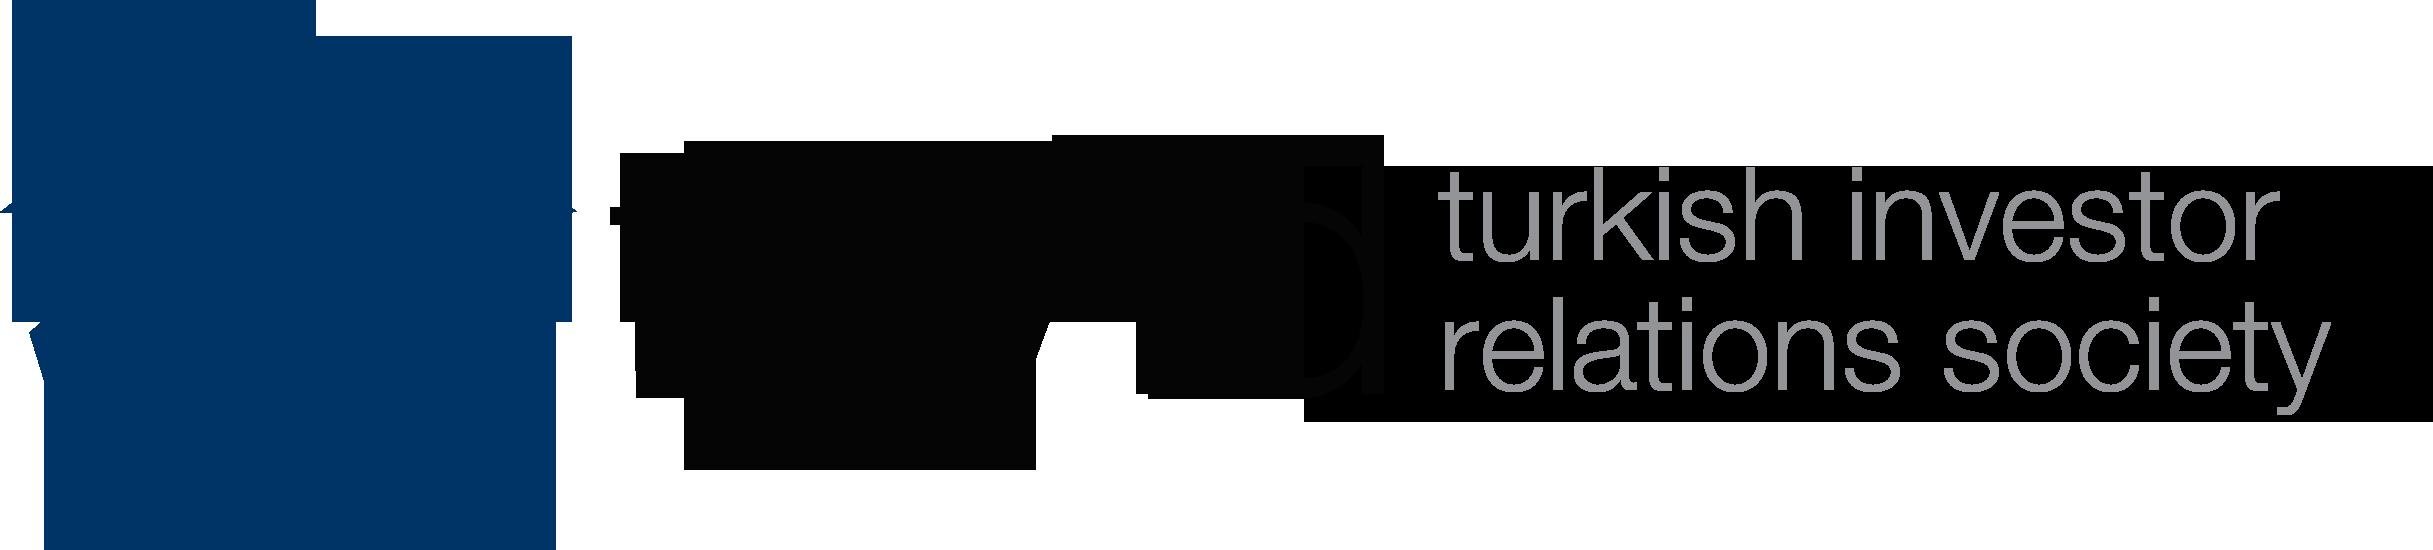 TÜYİD - Yatırımcı İlişkileri Derneği